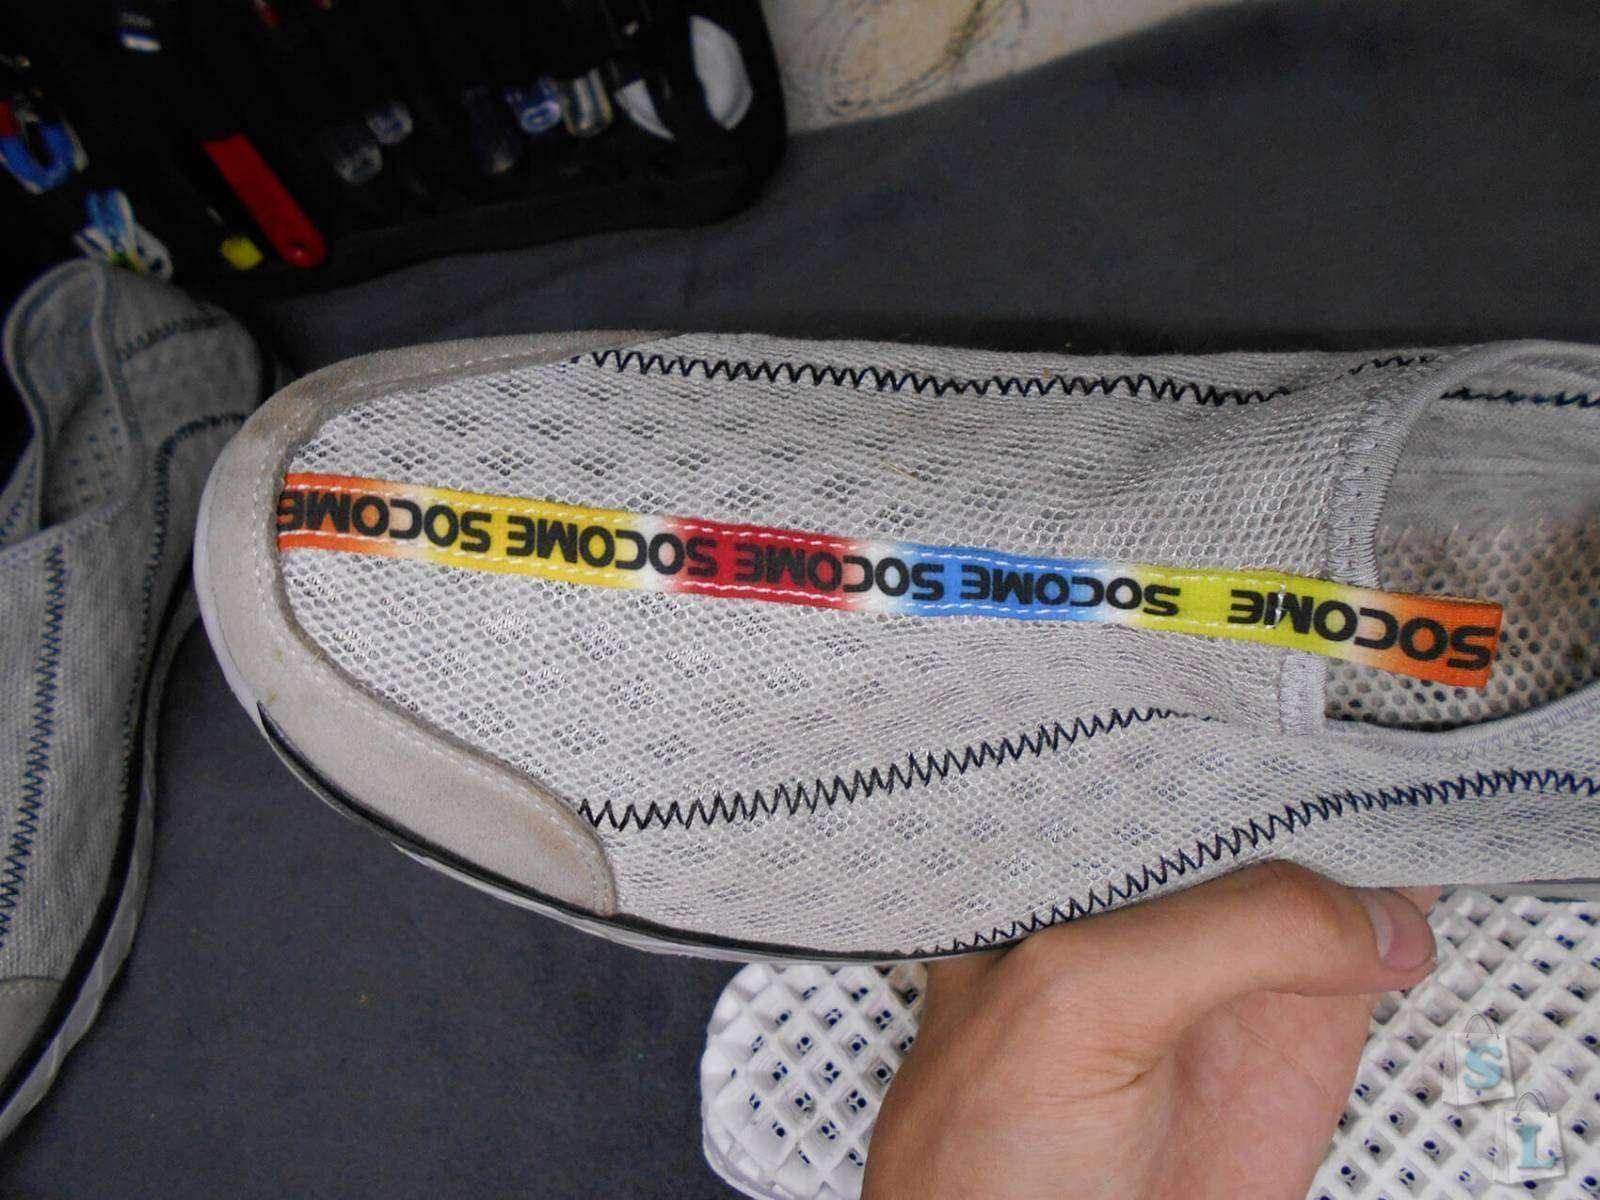 Aliexpress: Кроссовки супер дырявые! Для спорта и повседневного использования. Socone унисекс.